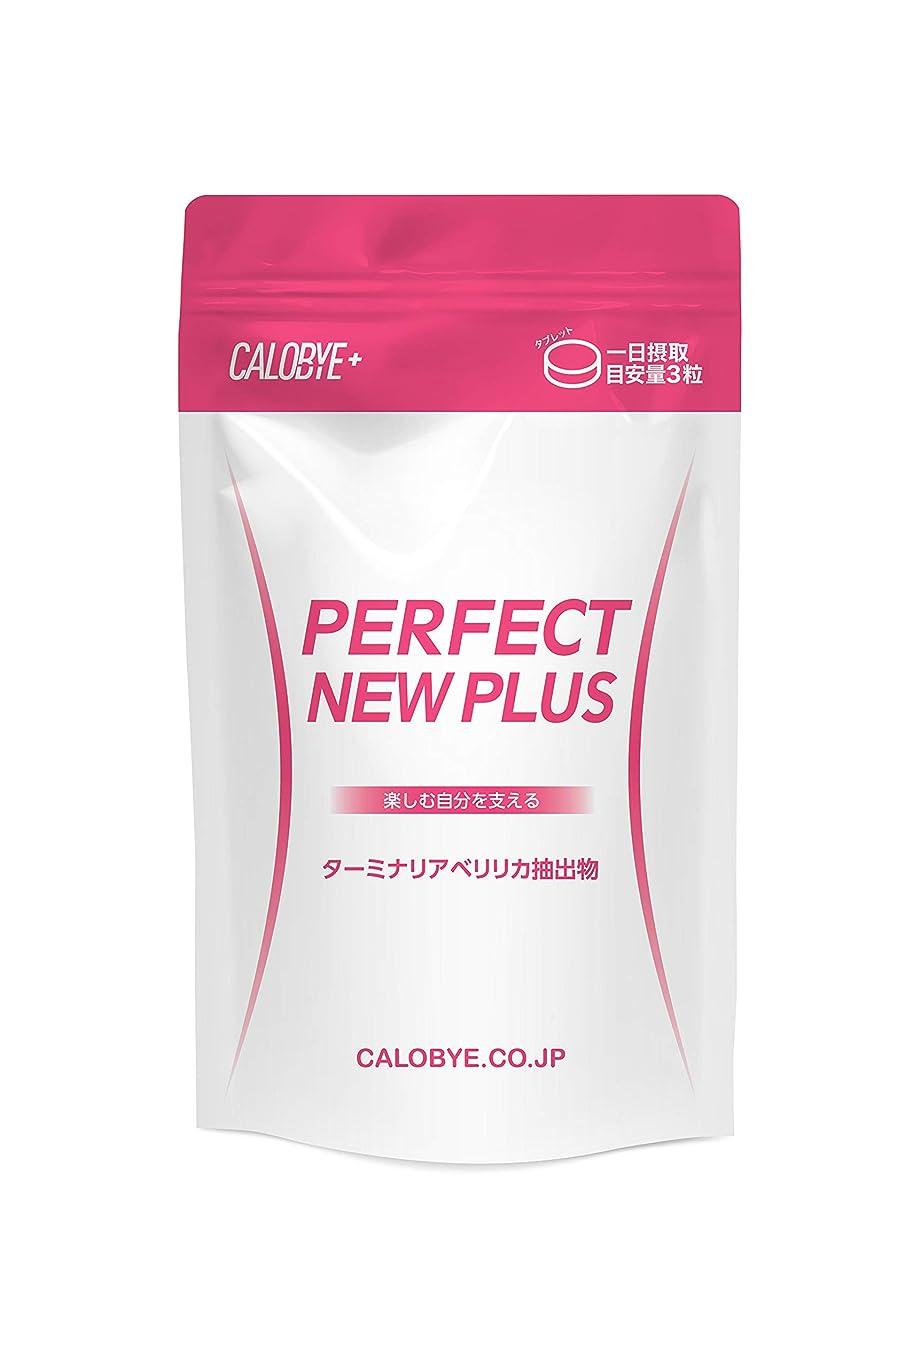 満足できる神話ファイバ【カロバイプラス公式】CALOBYE+ Perfect New Plus(カロバイプラス?パーフェクトニュープラス)